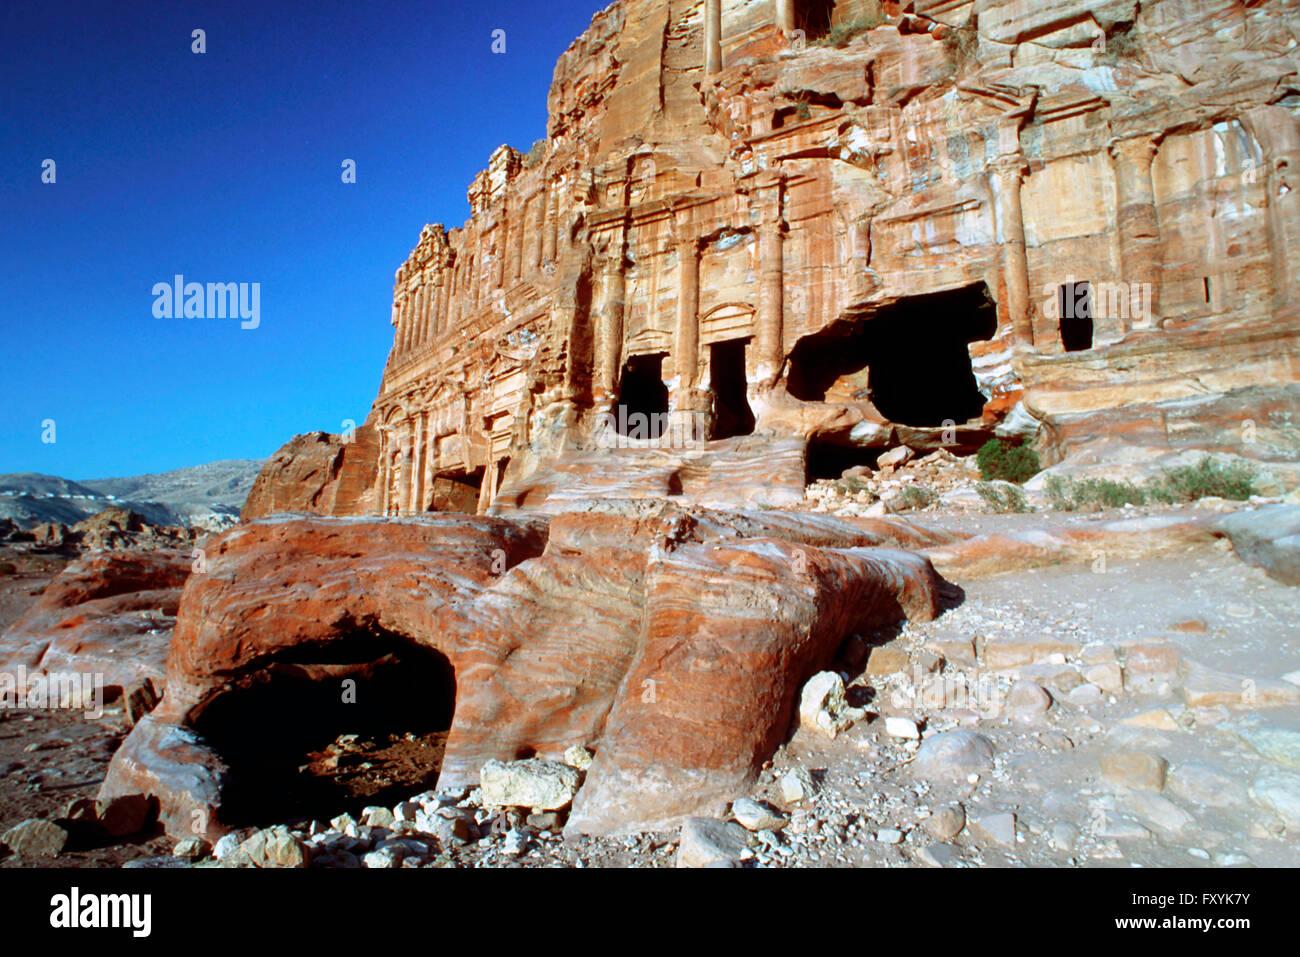 La tumba Corintia y el Palacio tumba que forman parte de las Tumbas, Petra, Jordania. Foto de stock